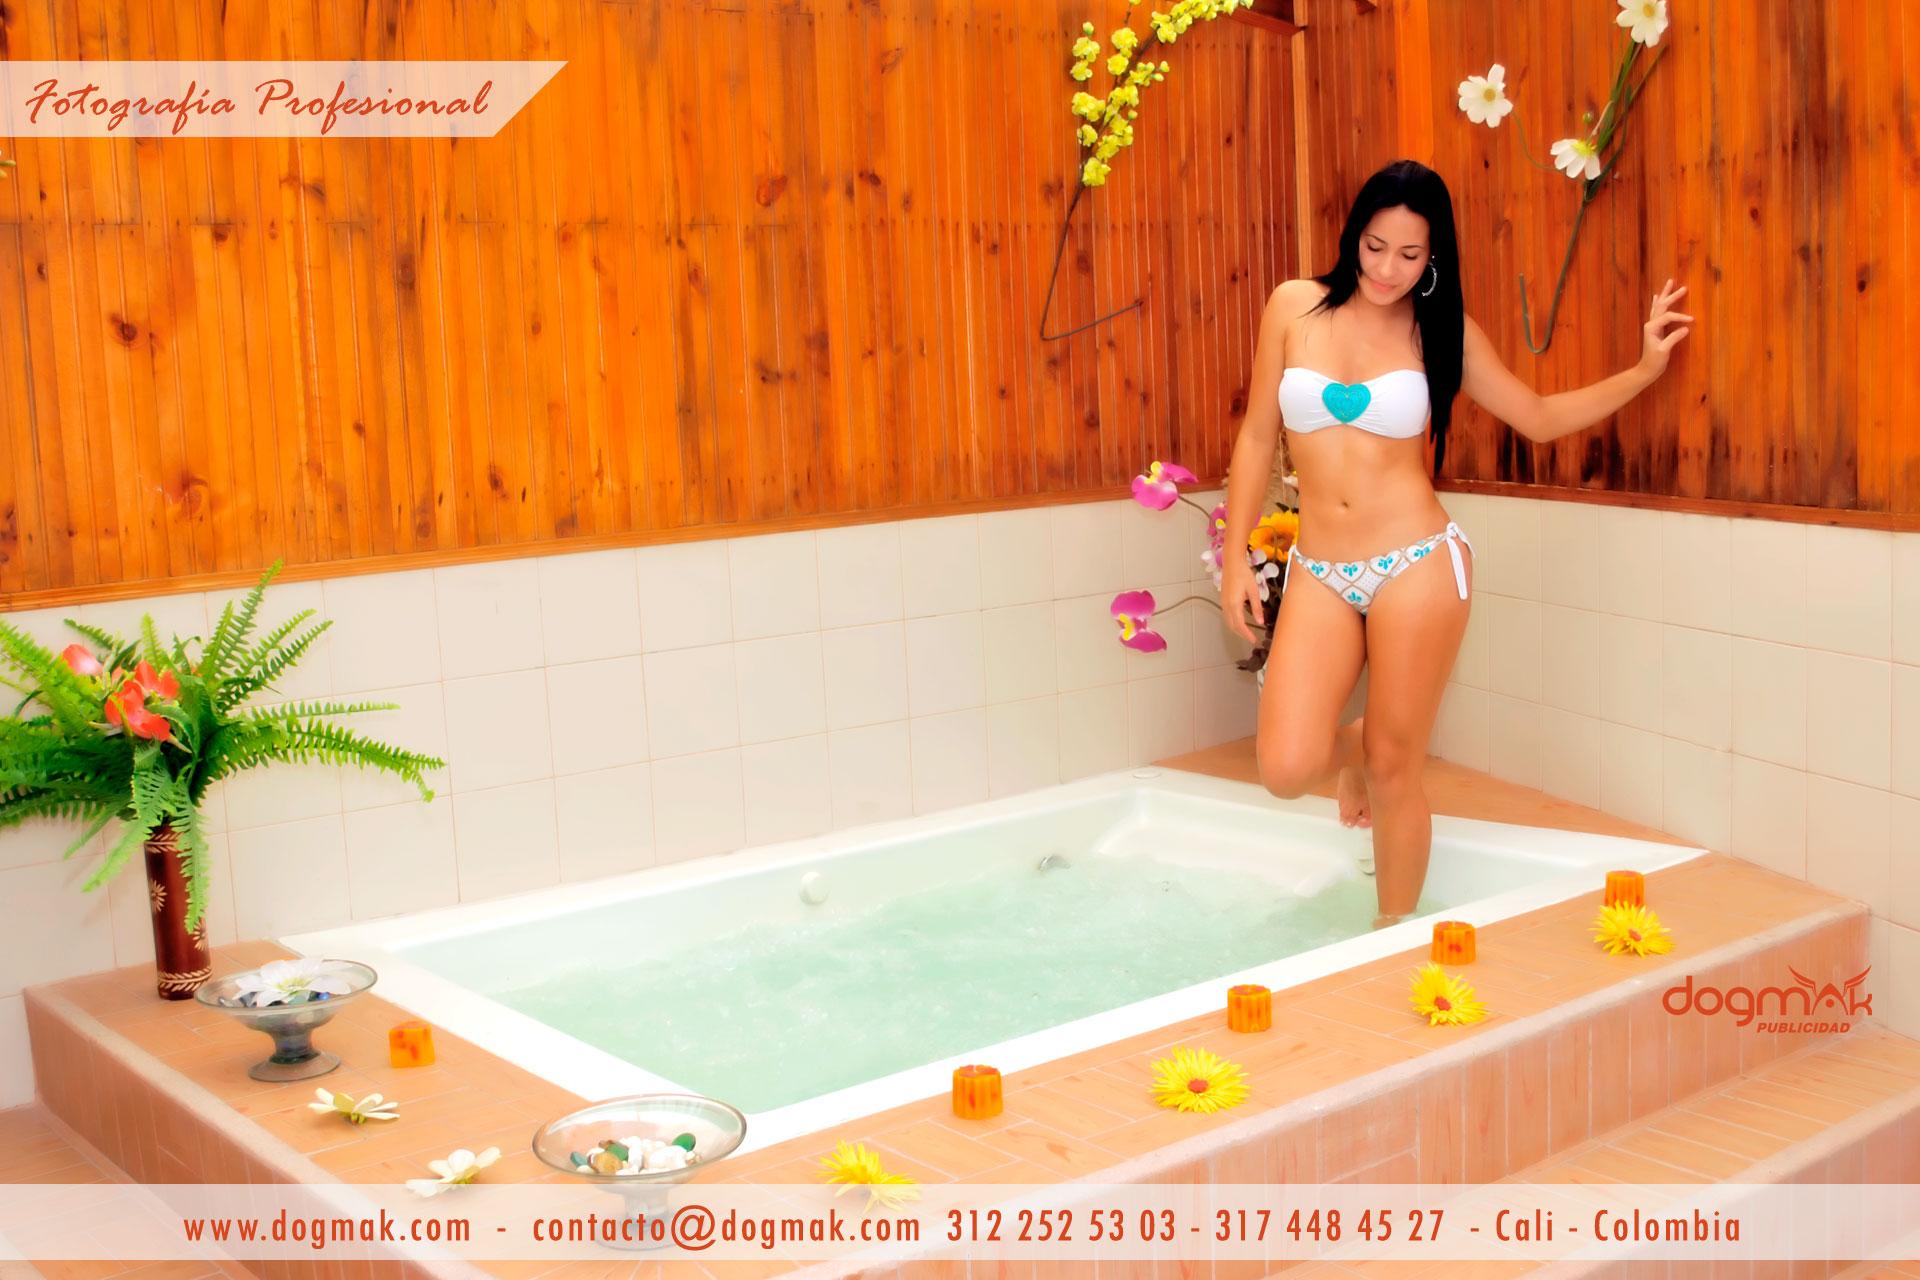 fotografia_profesional_publicitaria_de_productos_estudio_fotografico_dogmak_publicidad_7